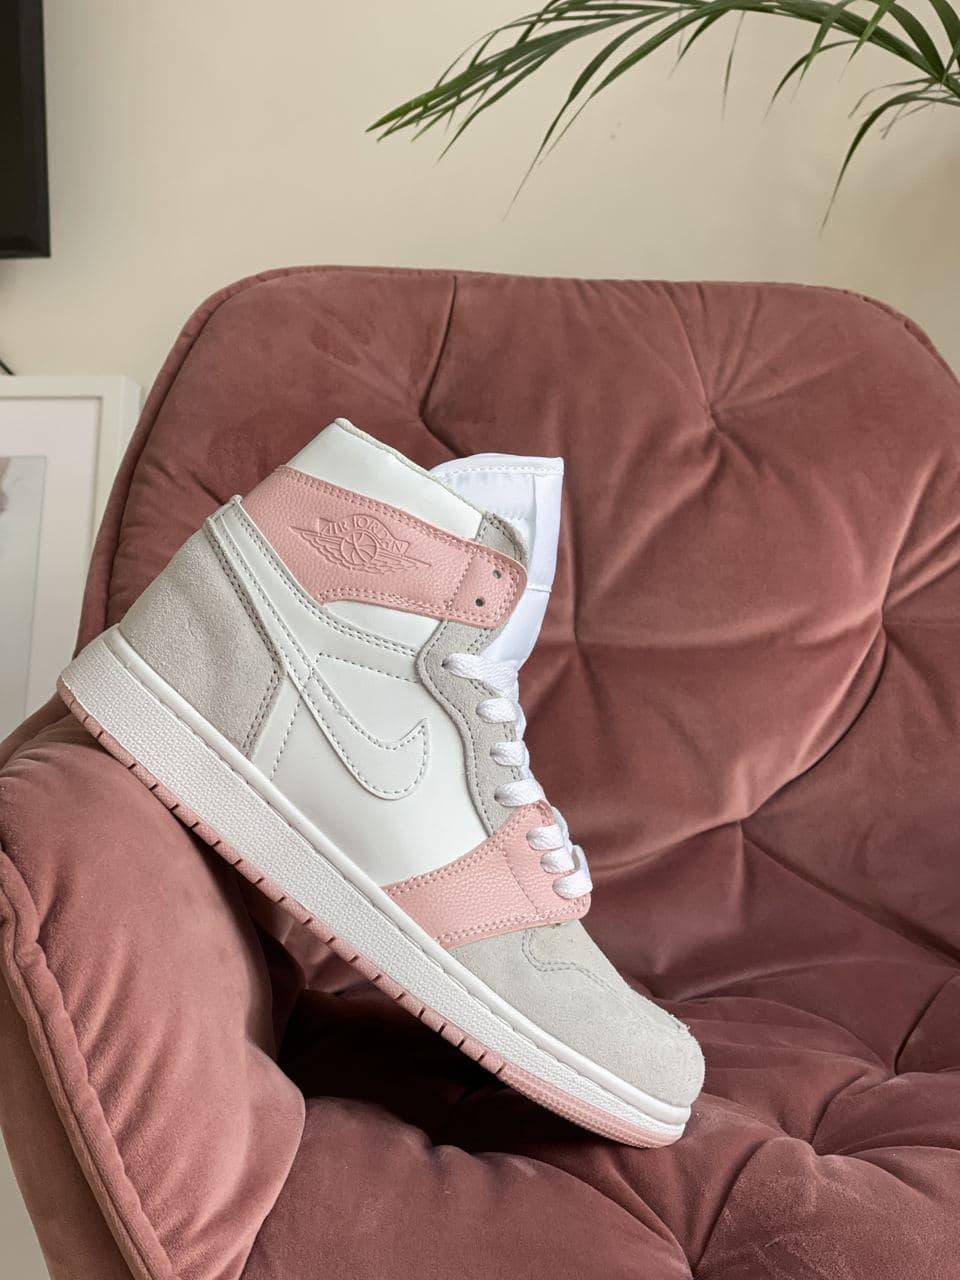 Кроссовки Nk Jordan 1 серые с белым \ розовые